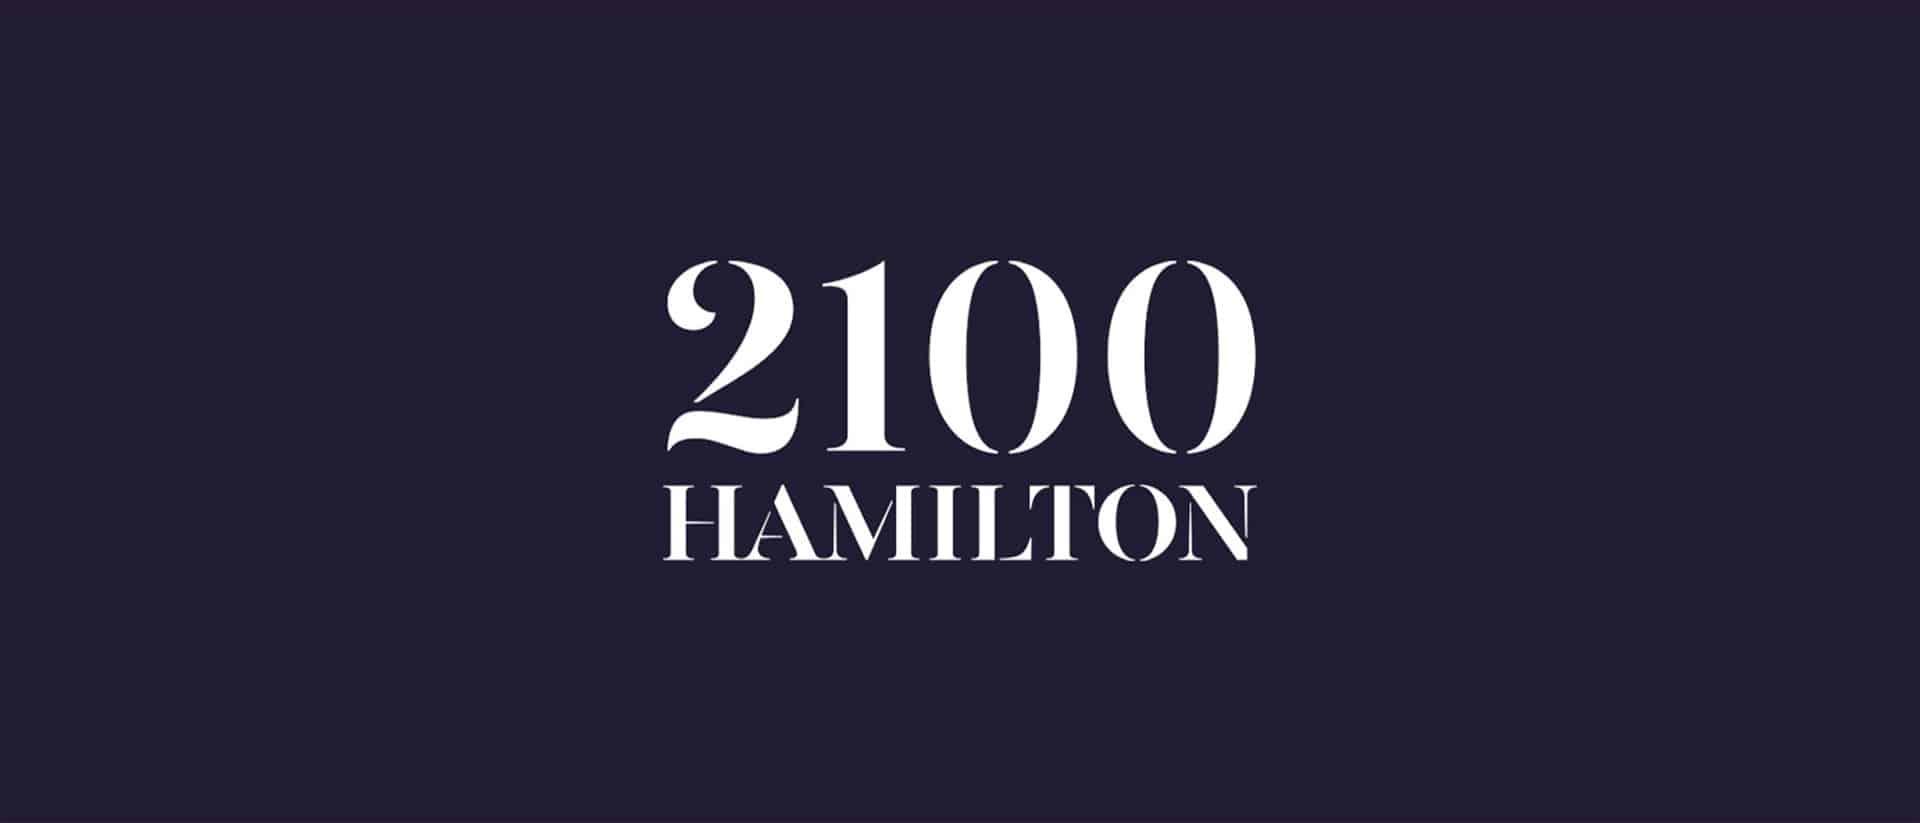 Logo Design for 2100 in Philadelphia